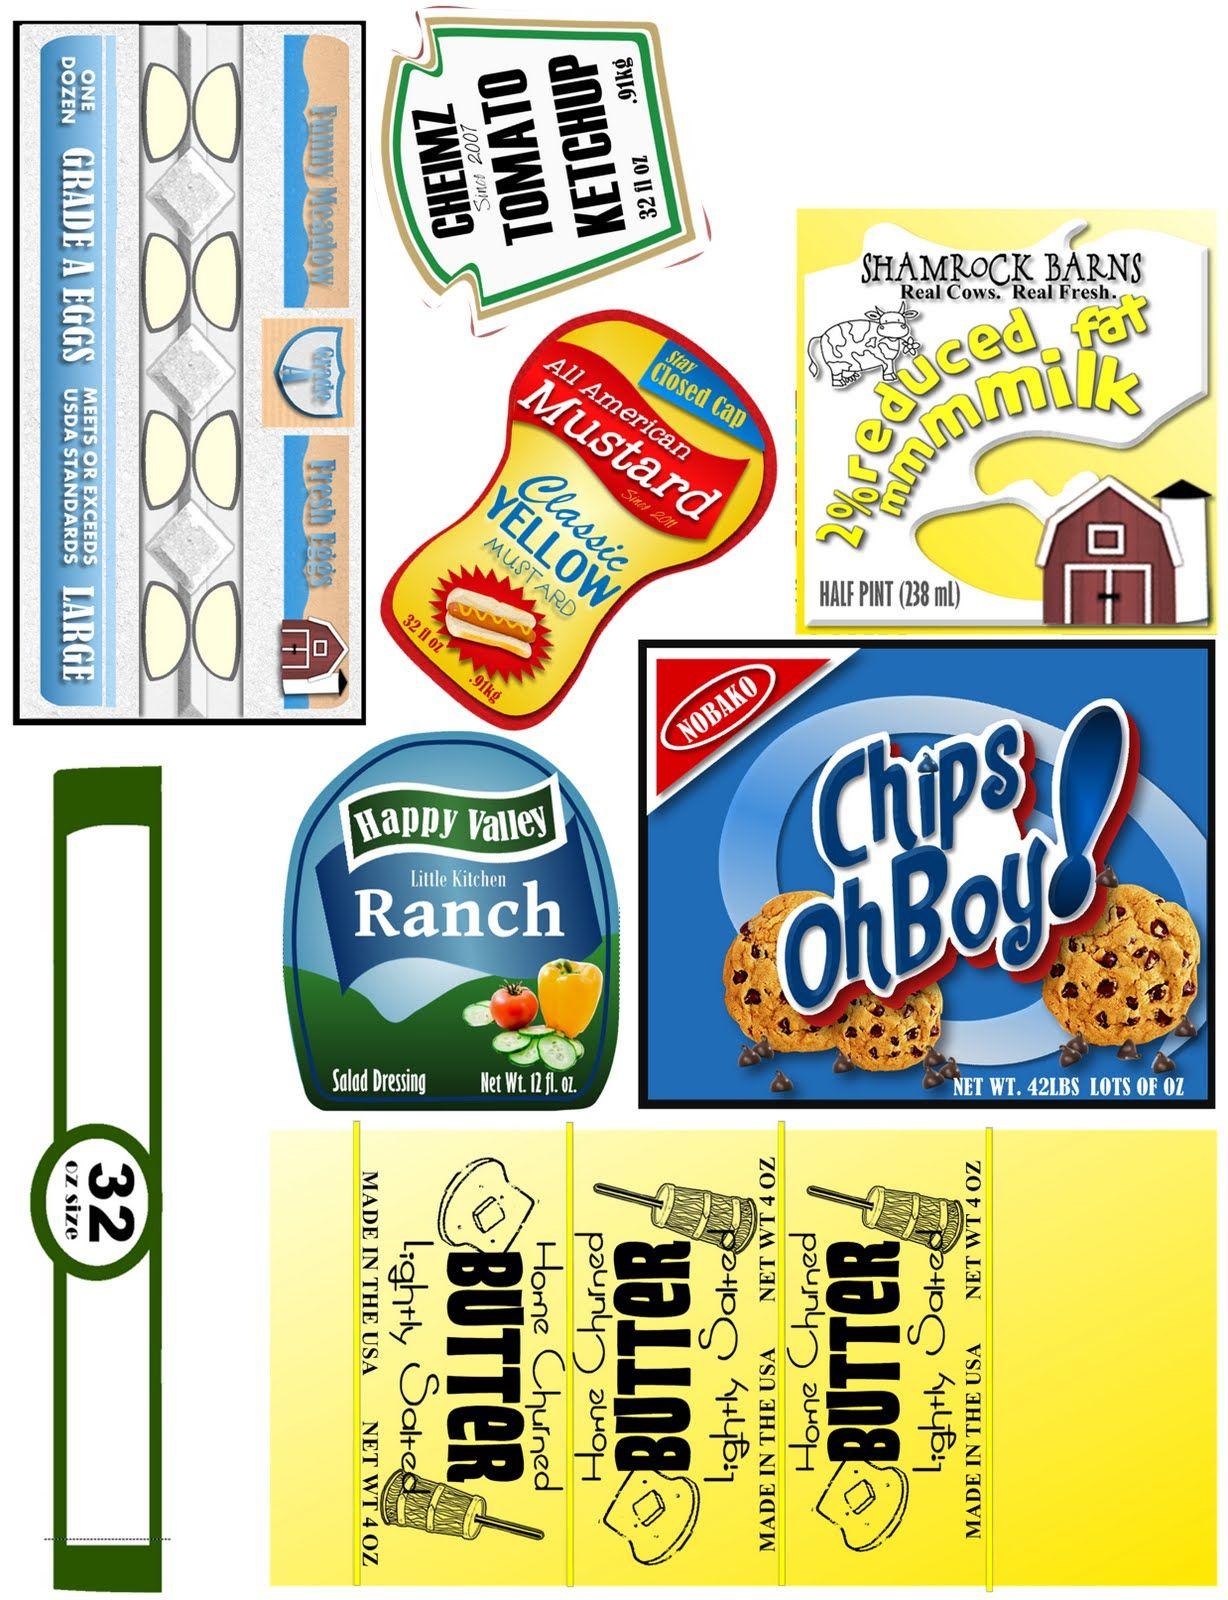 Food Label Printies | Printables | Miniaturas, Embalagens, Brinquedos - Free Printable Play Food Labels